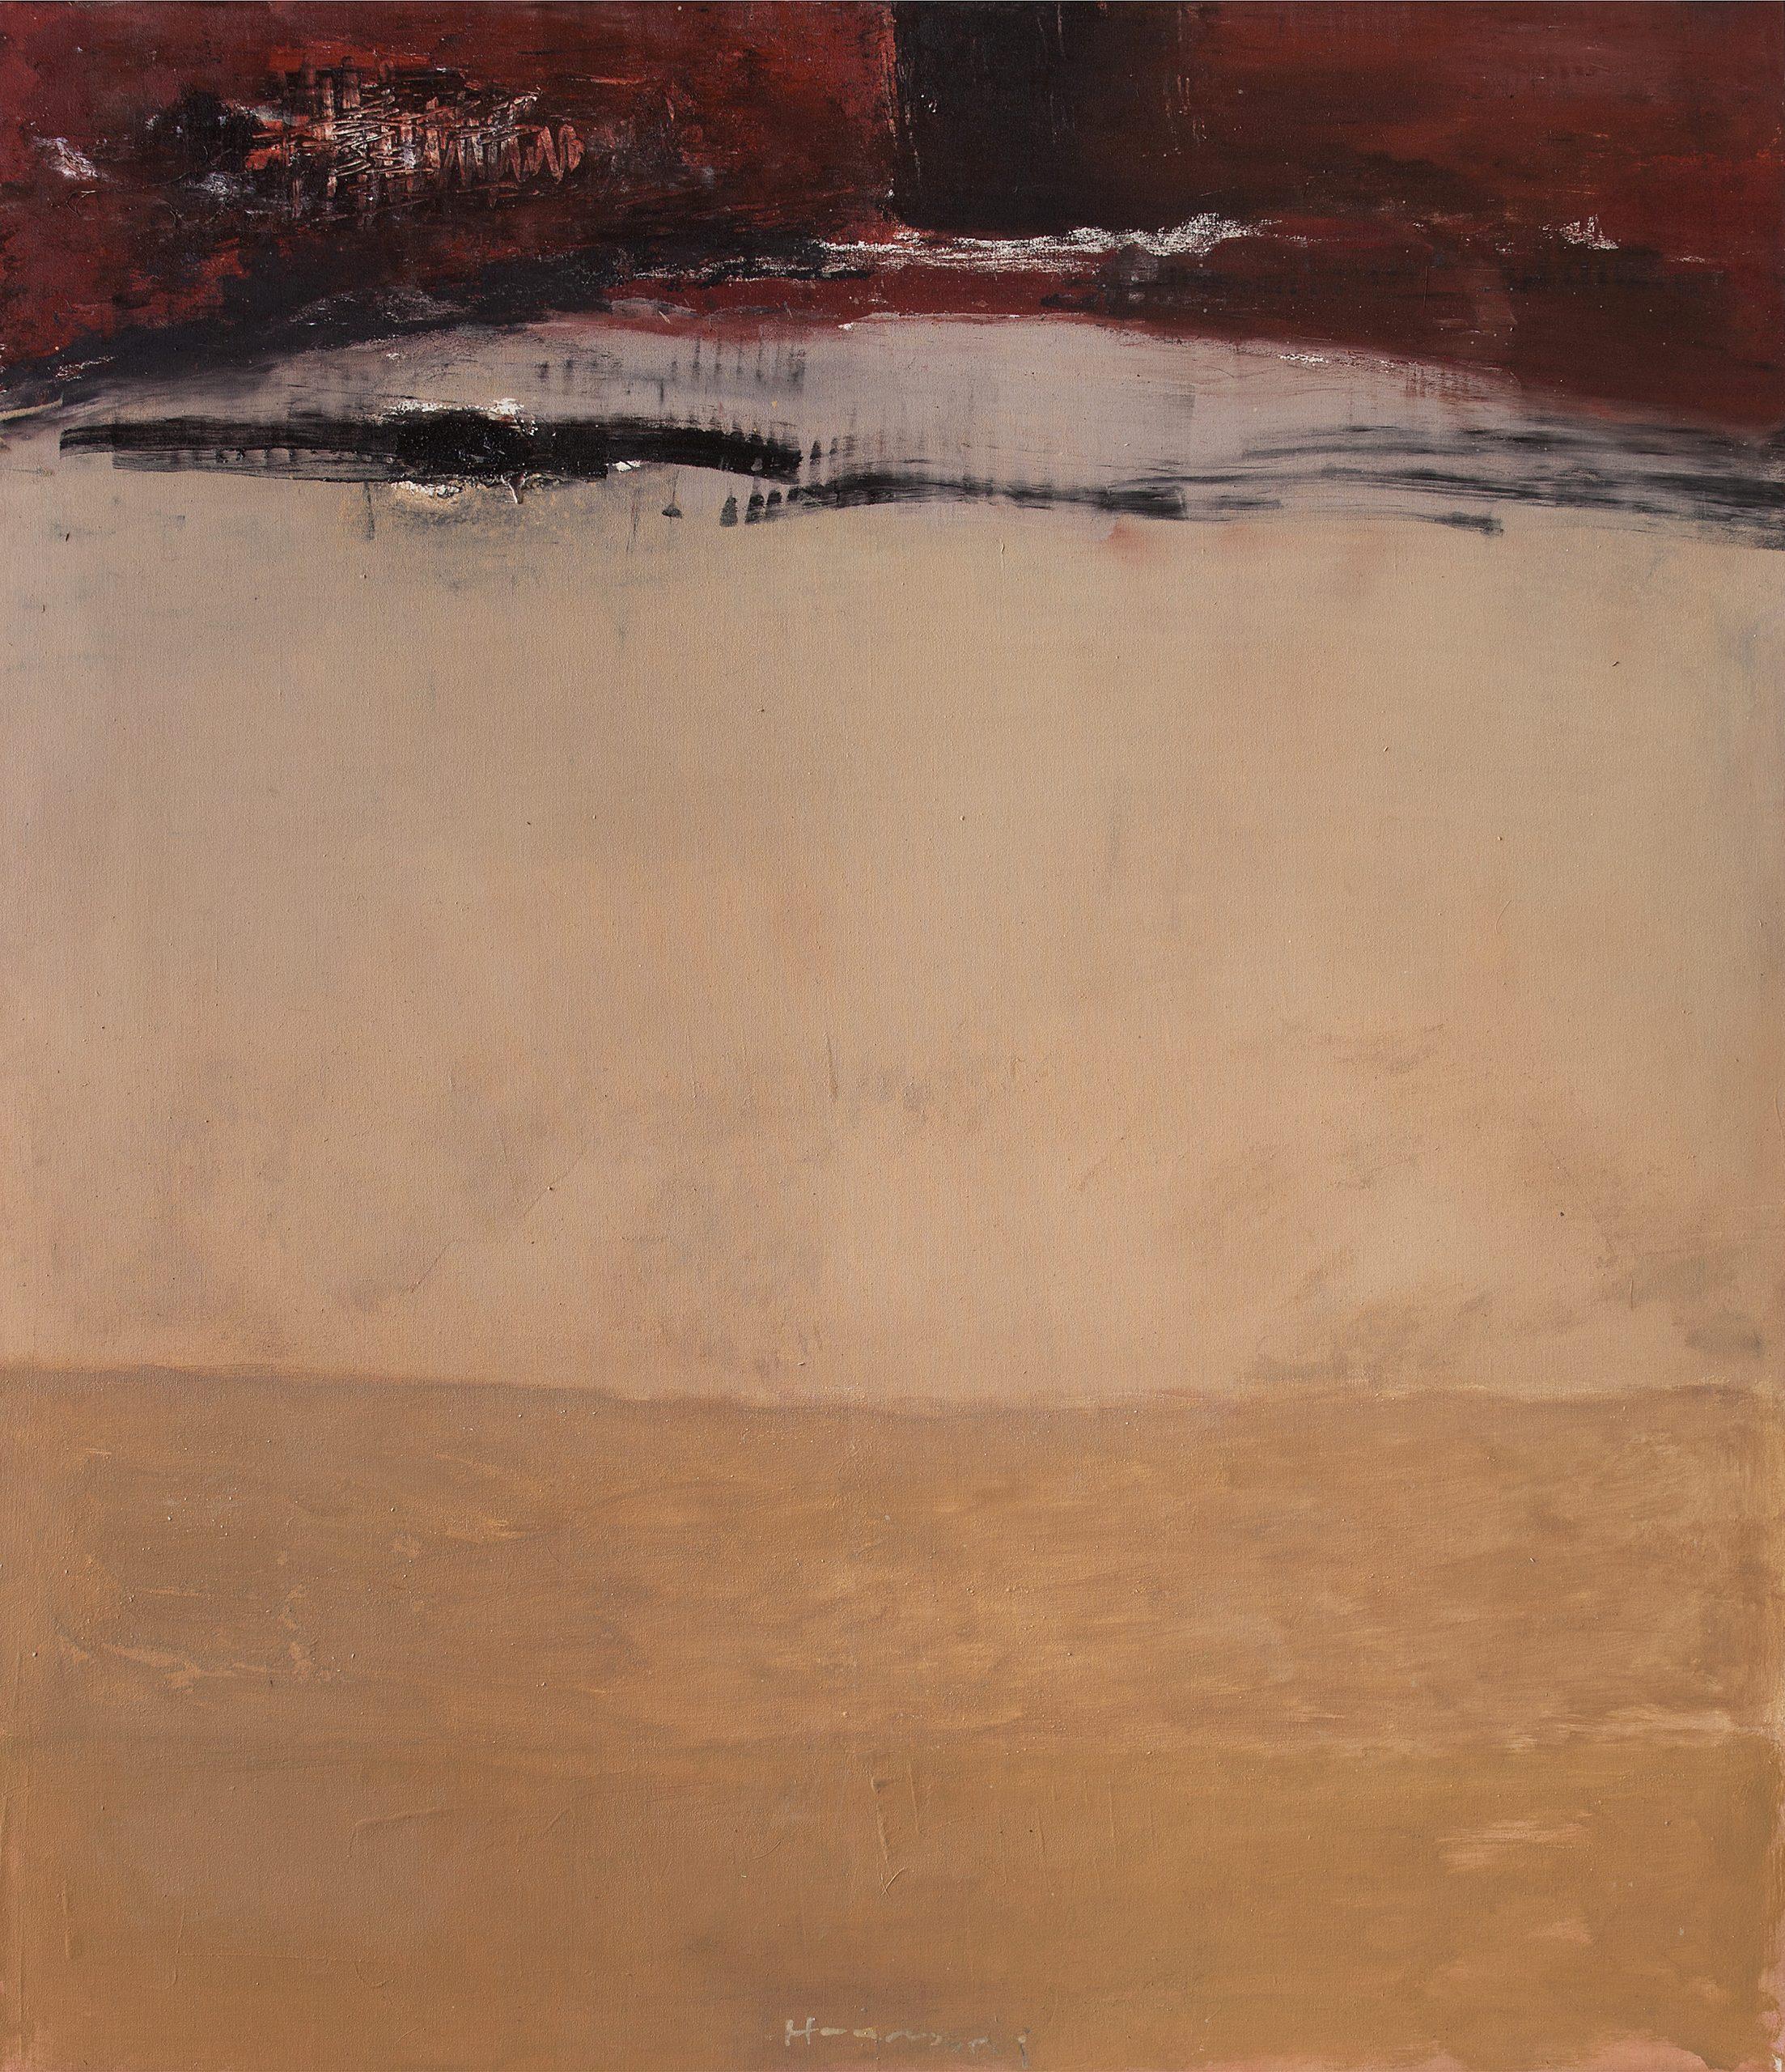 Hassani, Sans titre, 160 x 140 cm 2021